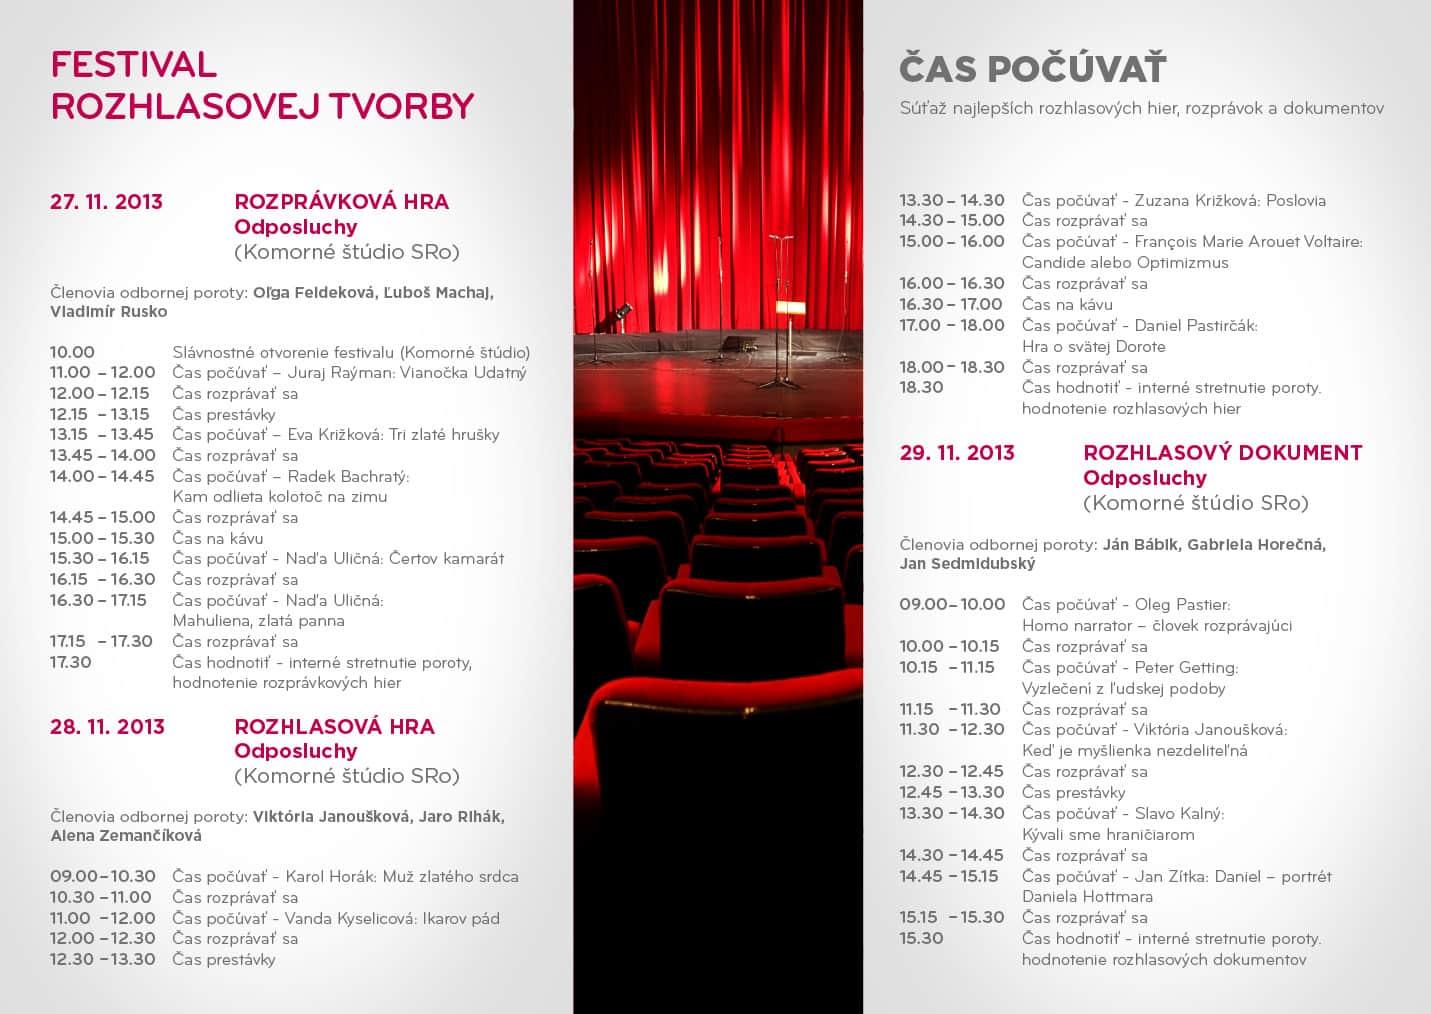 Festival rozhlasovej tvorby - program